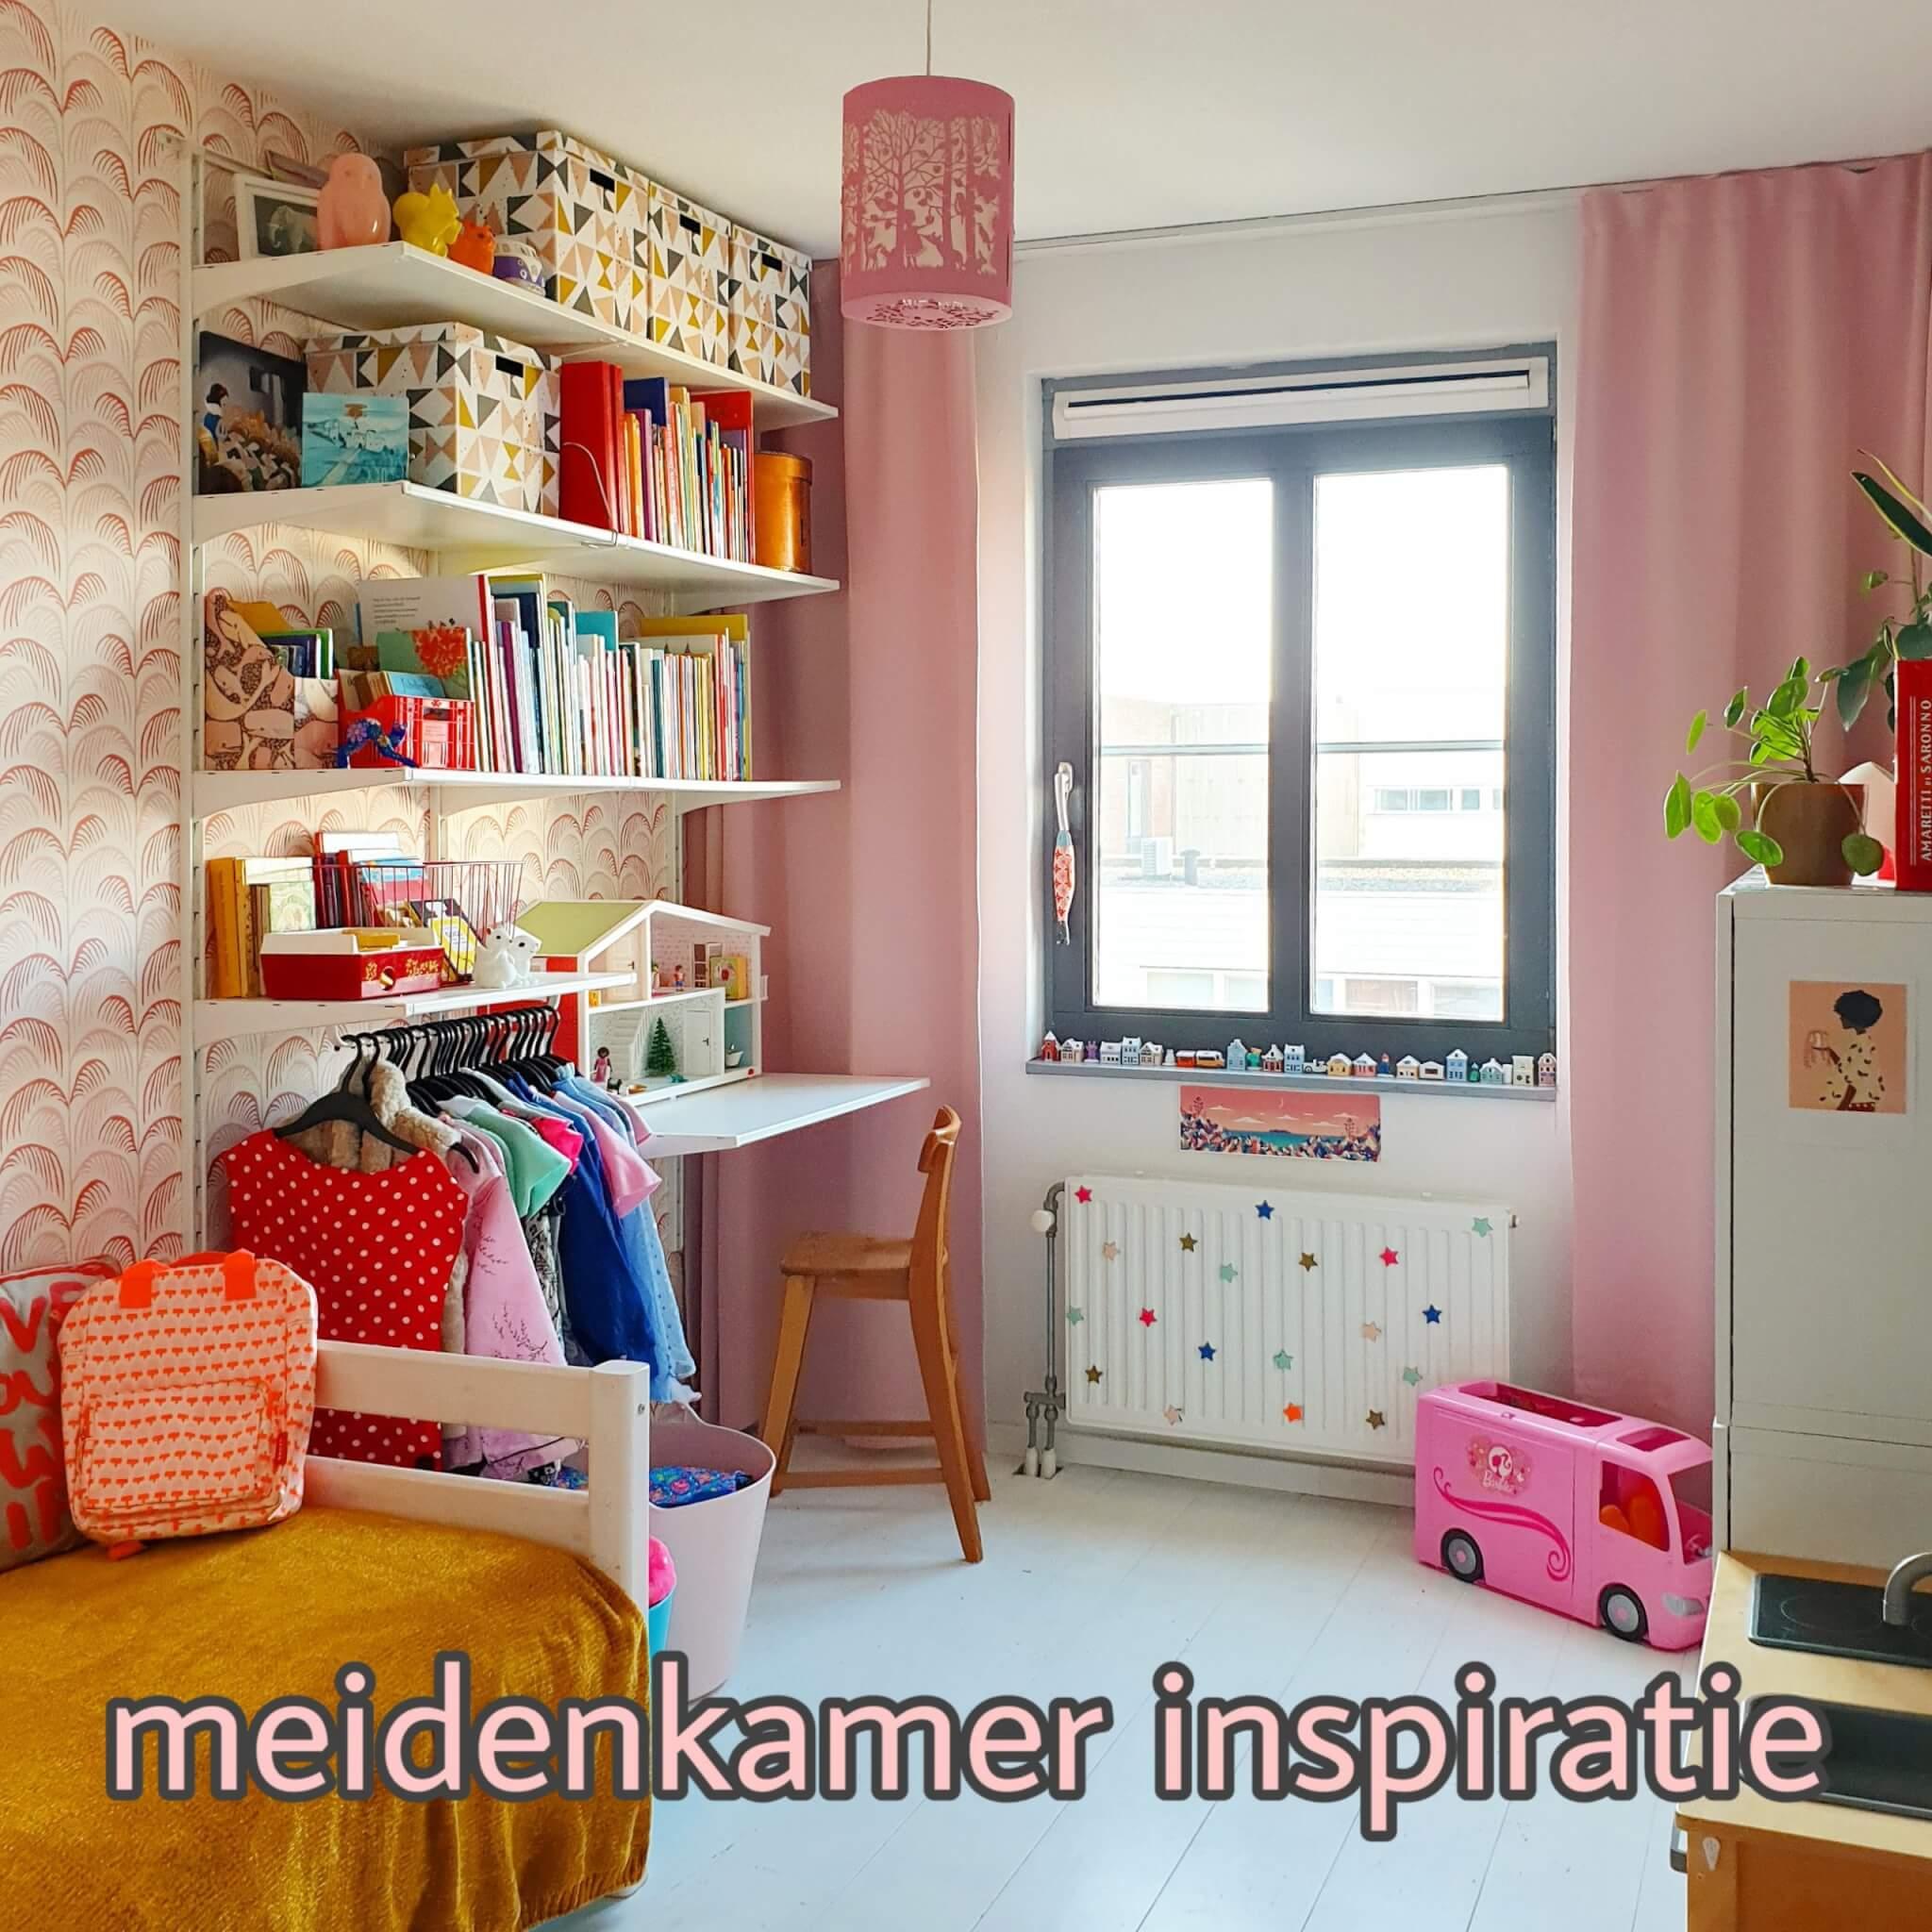 Kinderkamer inspiratie: onze meidenkamer met wit, roze, rood en geel